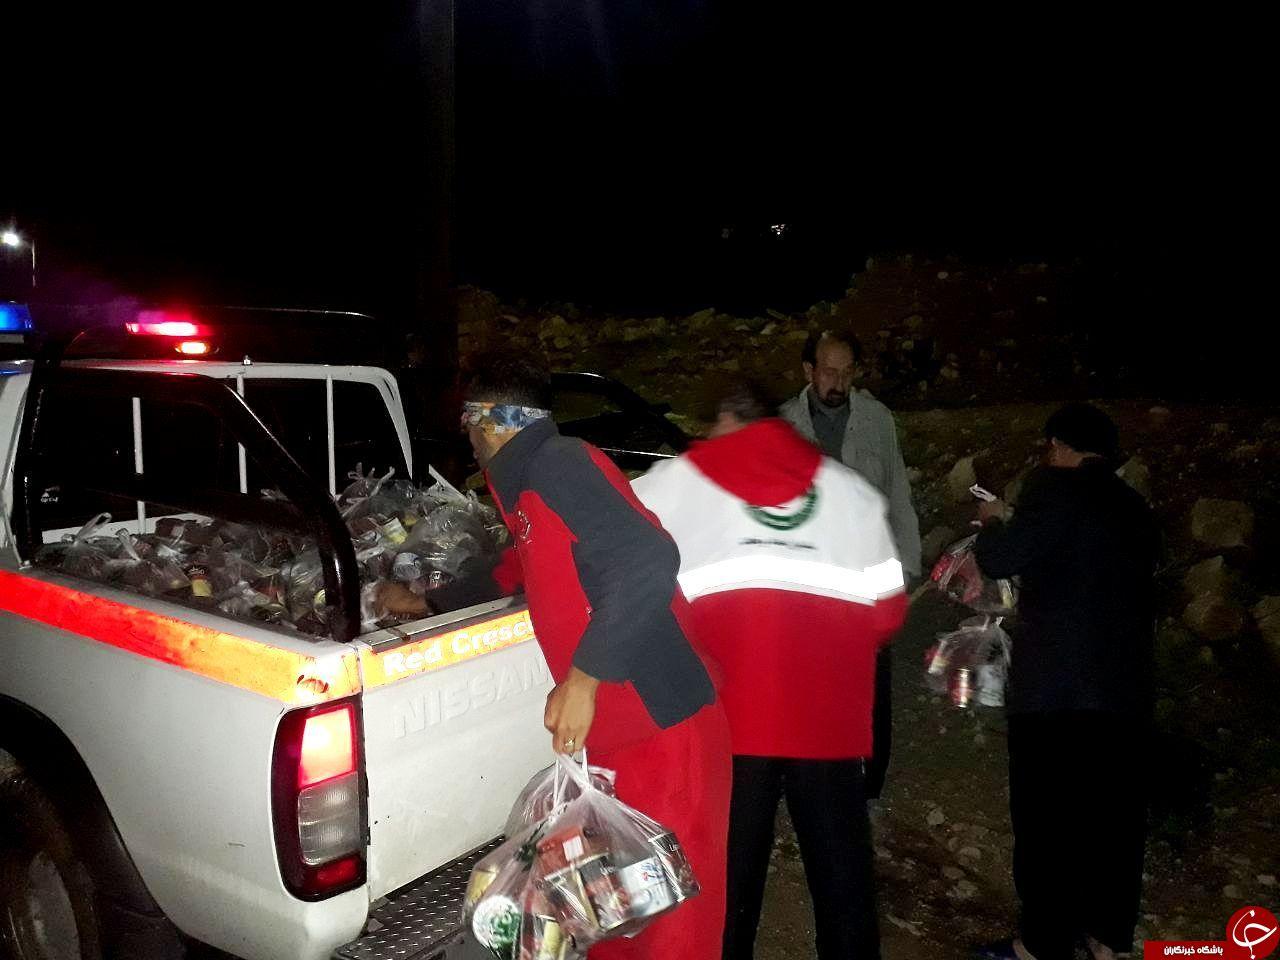 امدادرسانی به ۸۸ خانوار گرفتار سیلاب/توزیع  بسته های مواد غذایی ۷۲ ساعته